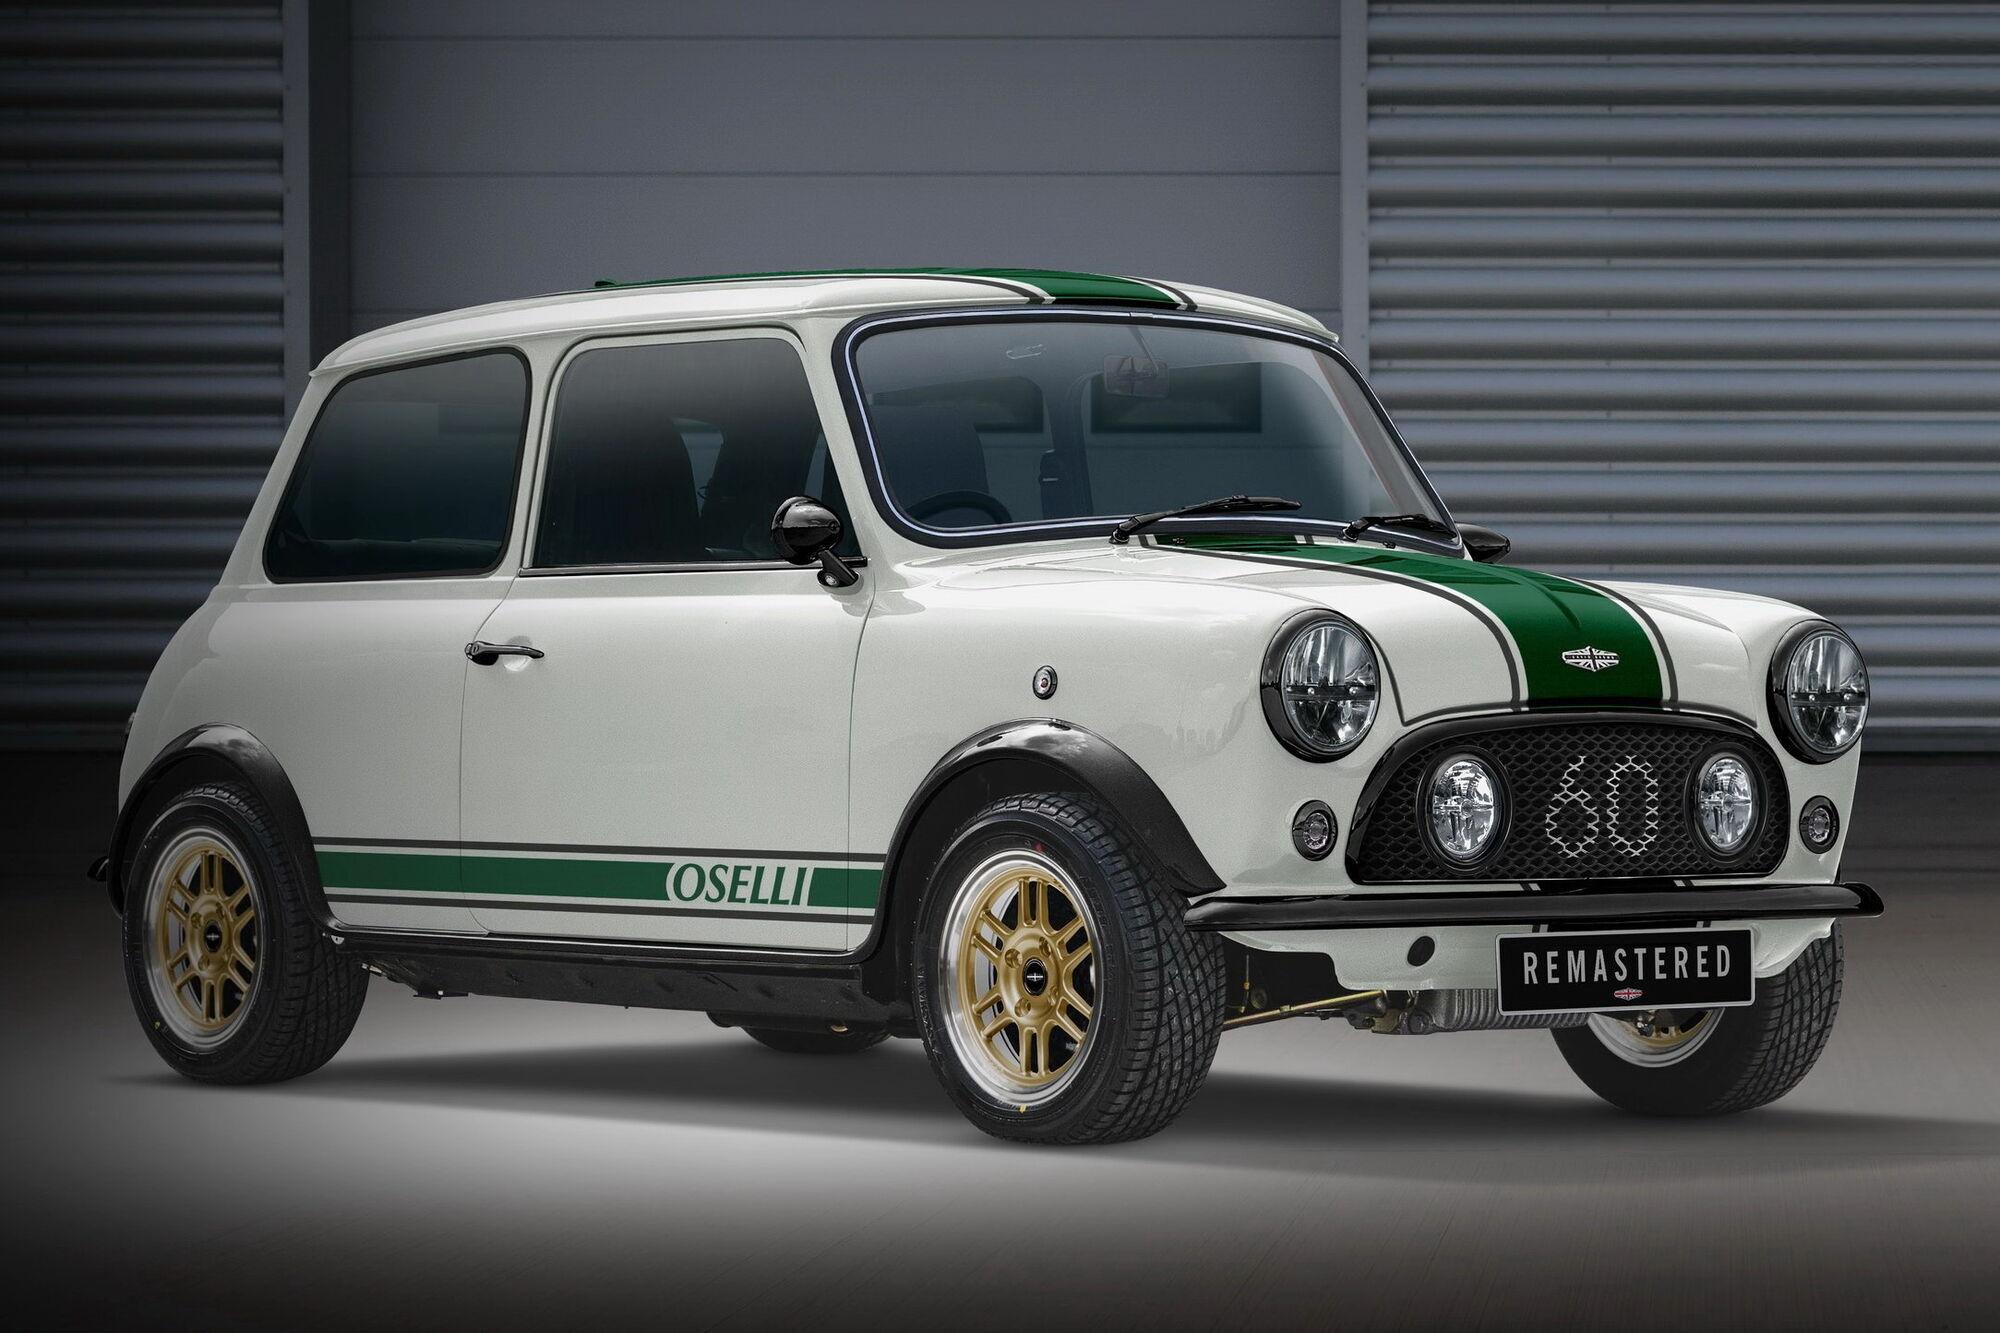 Mini Remastered Oselli Edition был анонсирован еще 2 года назад, но реальный автомобиль появился на свет только сейчас